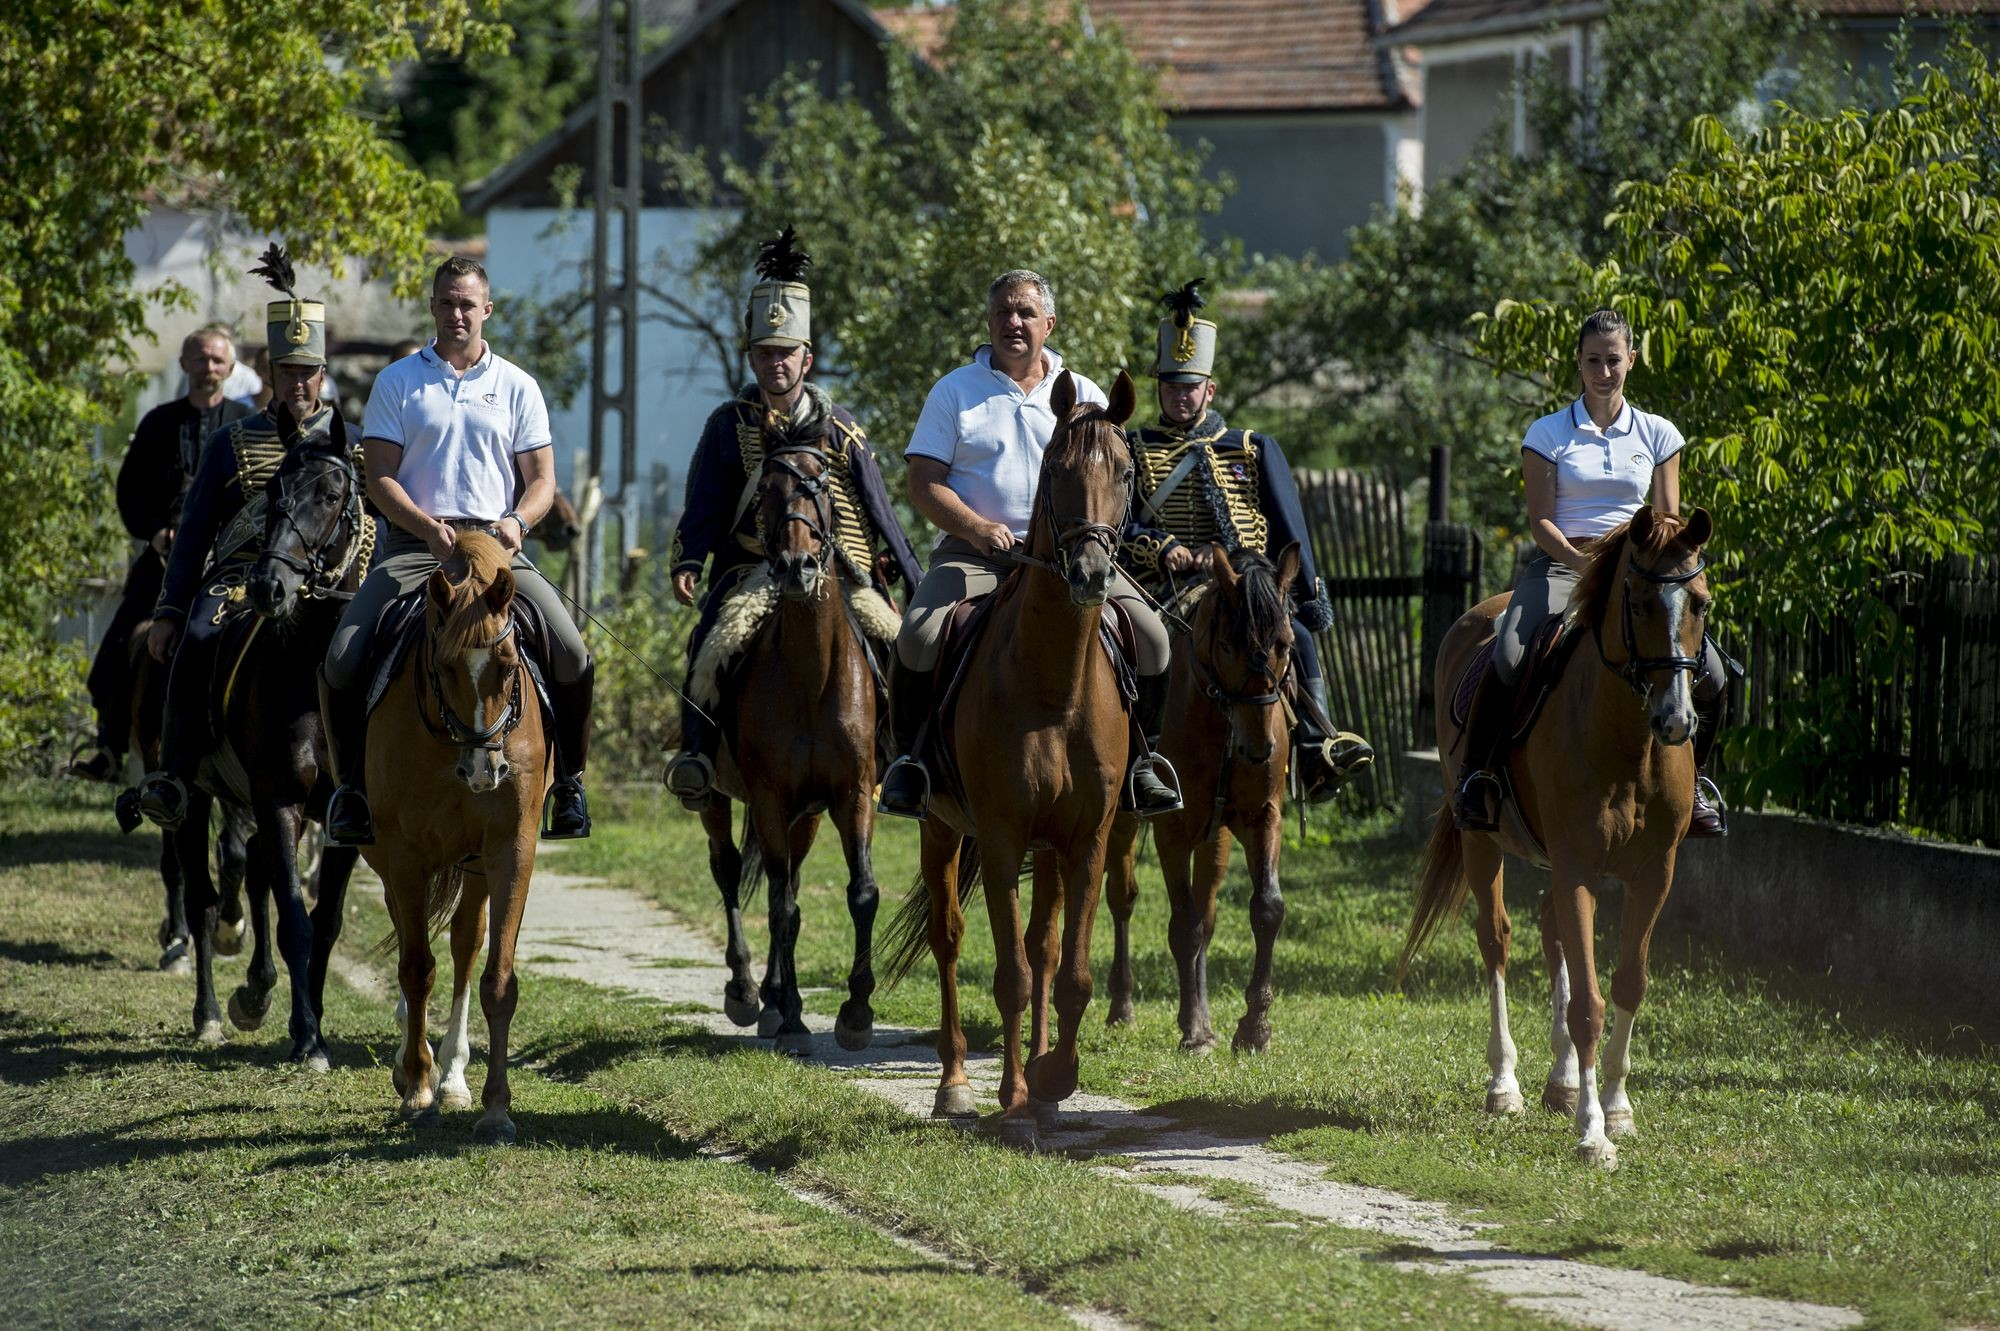 Nógrád megyében is kiépül a lovas turizmushoz szükséges infrastruktúra